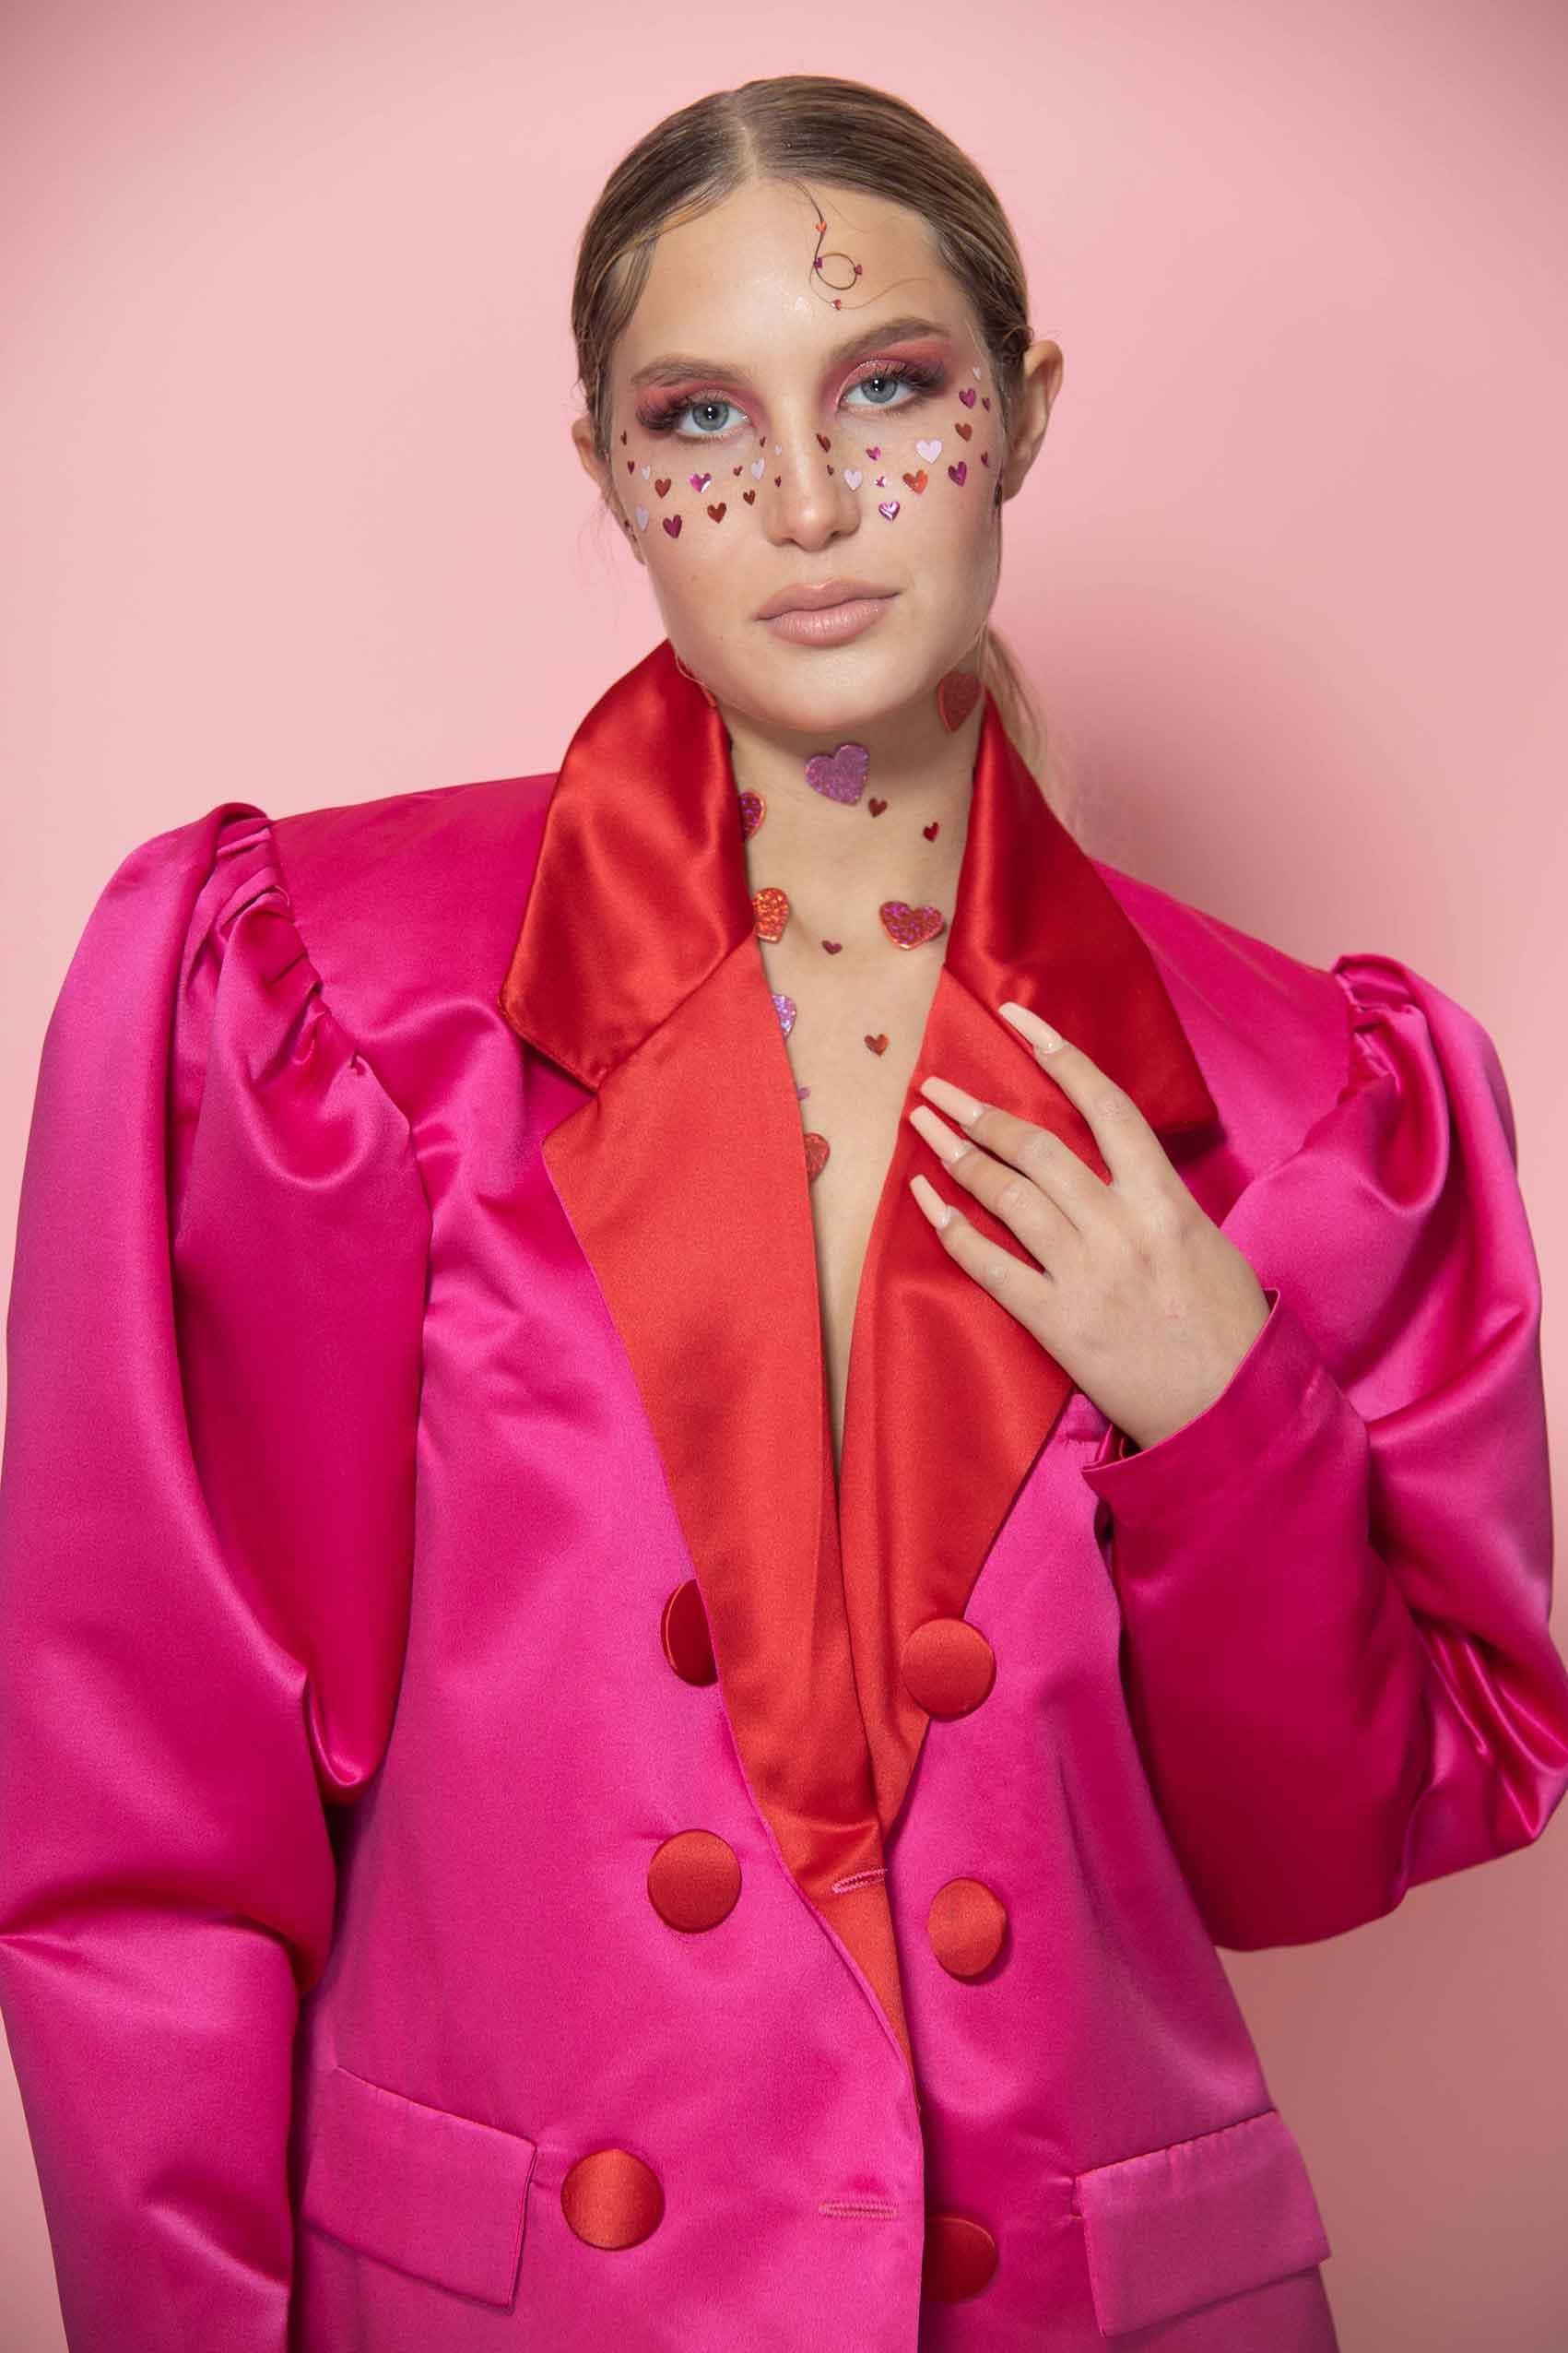 מגזין-אופנה-ביוטי-Somebody to Love - צילום: ענבל אולגה רביץ, סטיילינג: שני בנבניסטי, איפור: נועם בן דויד, עיצוב שיער: מוריה הראל, דוגמנית: שלי ארנסבורג